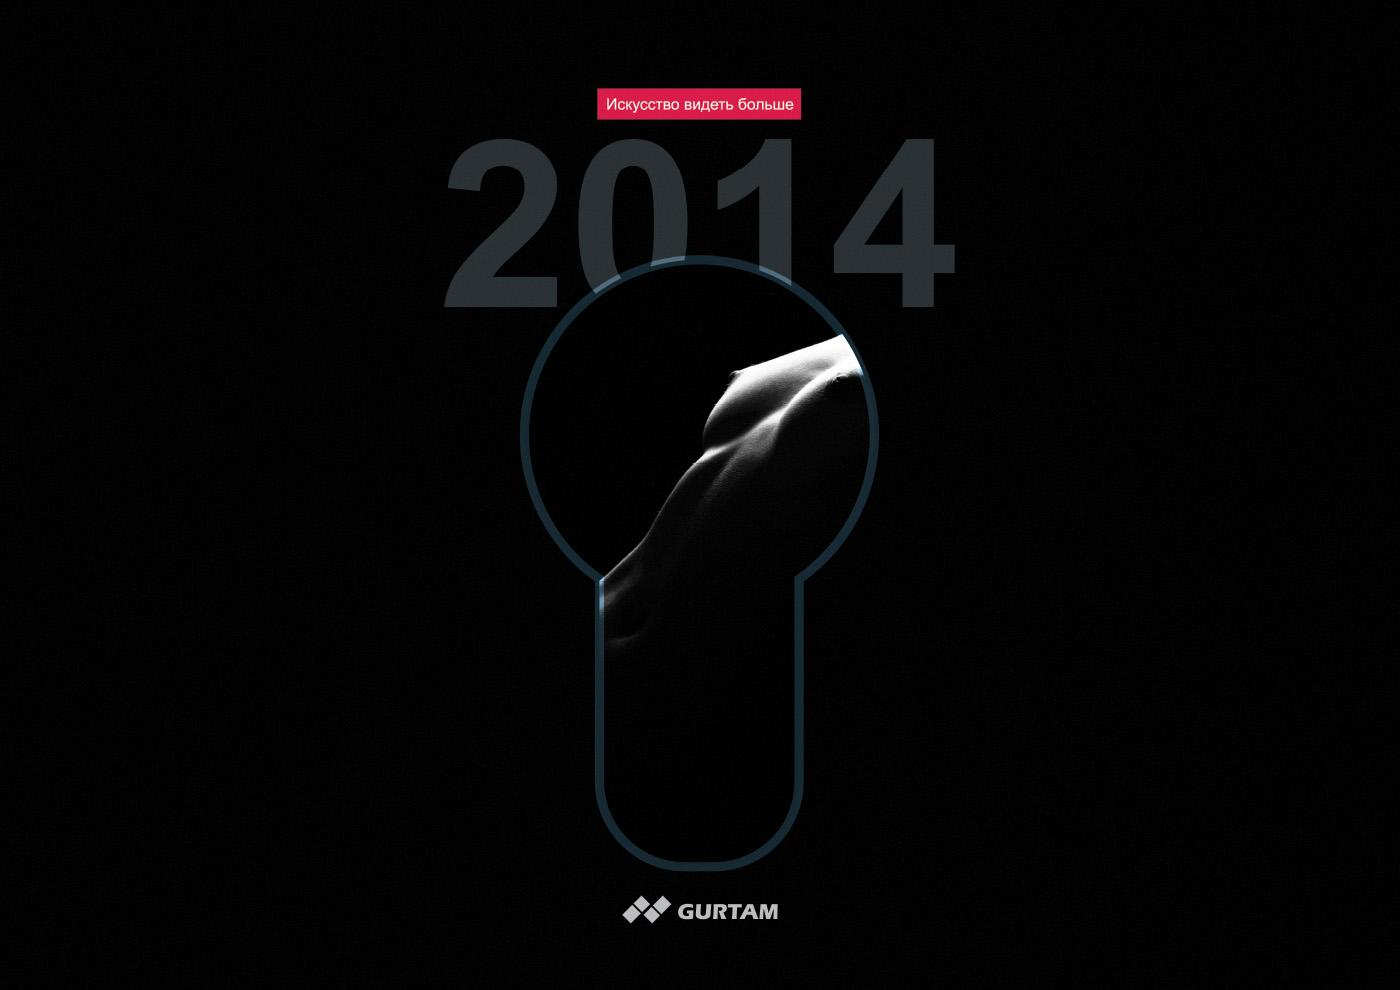 Обложка календаря Gurtam на 2014 г.